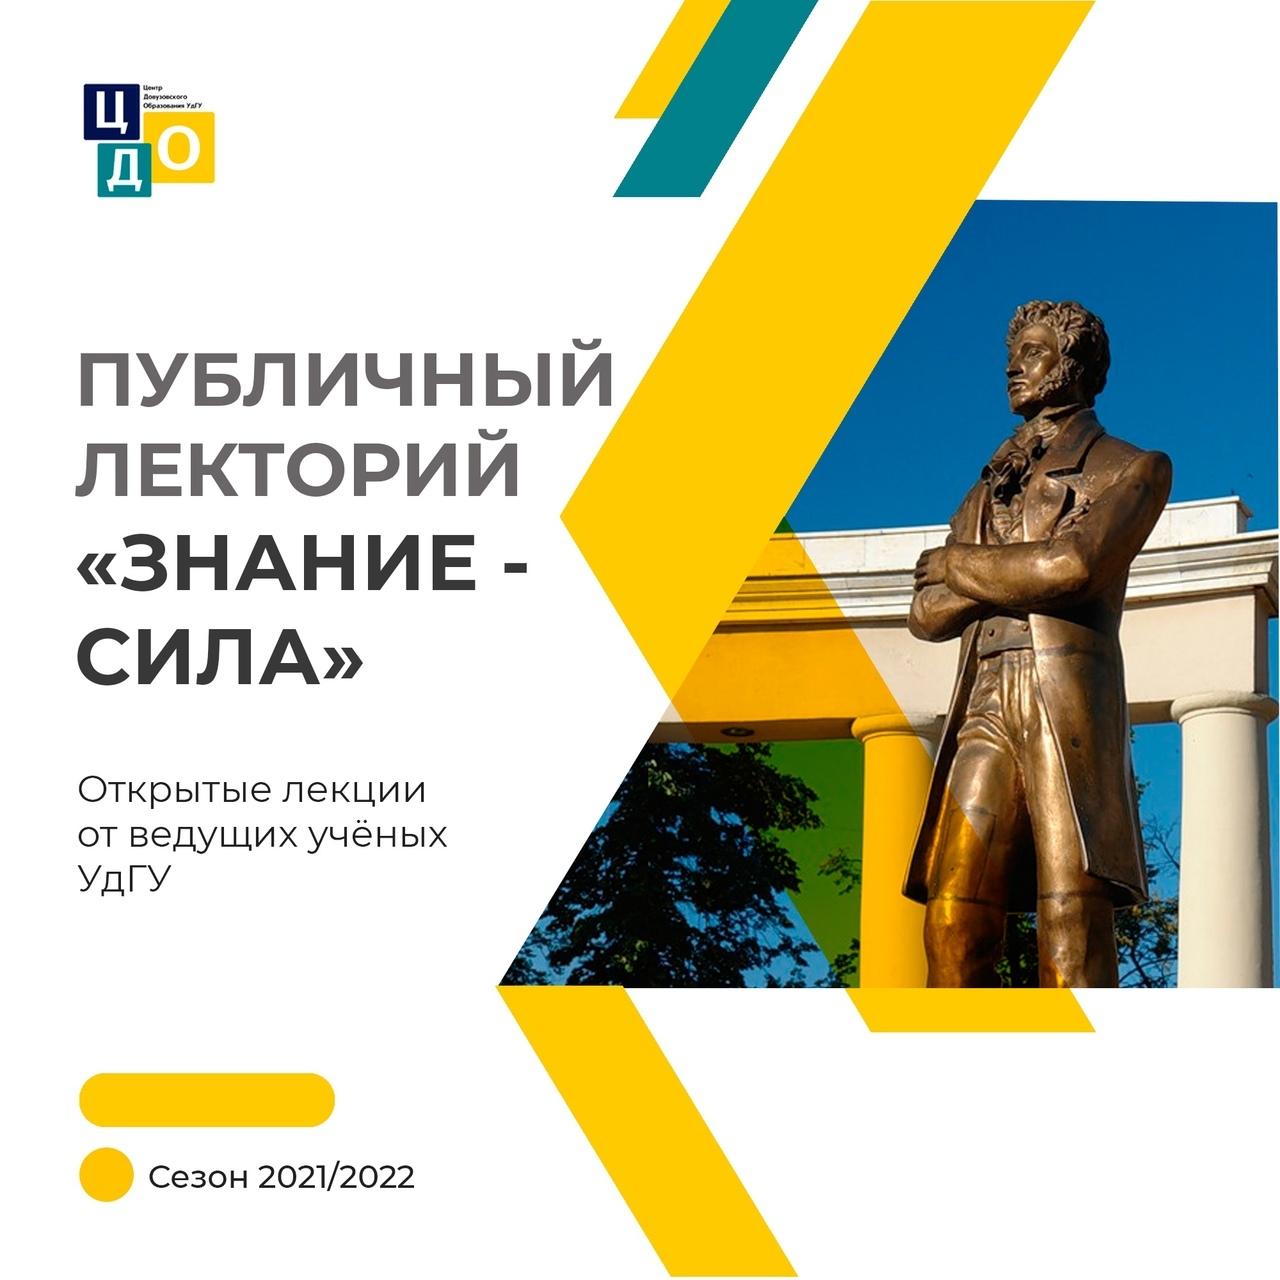 Публичного лектория «Знание — сила»